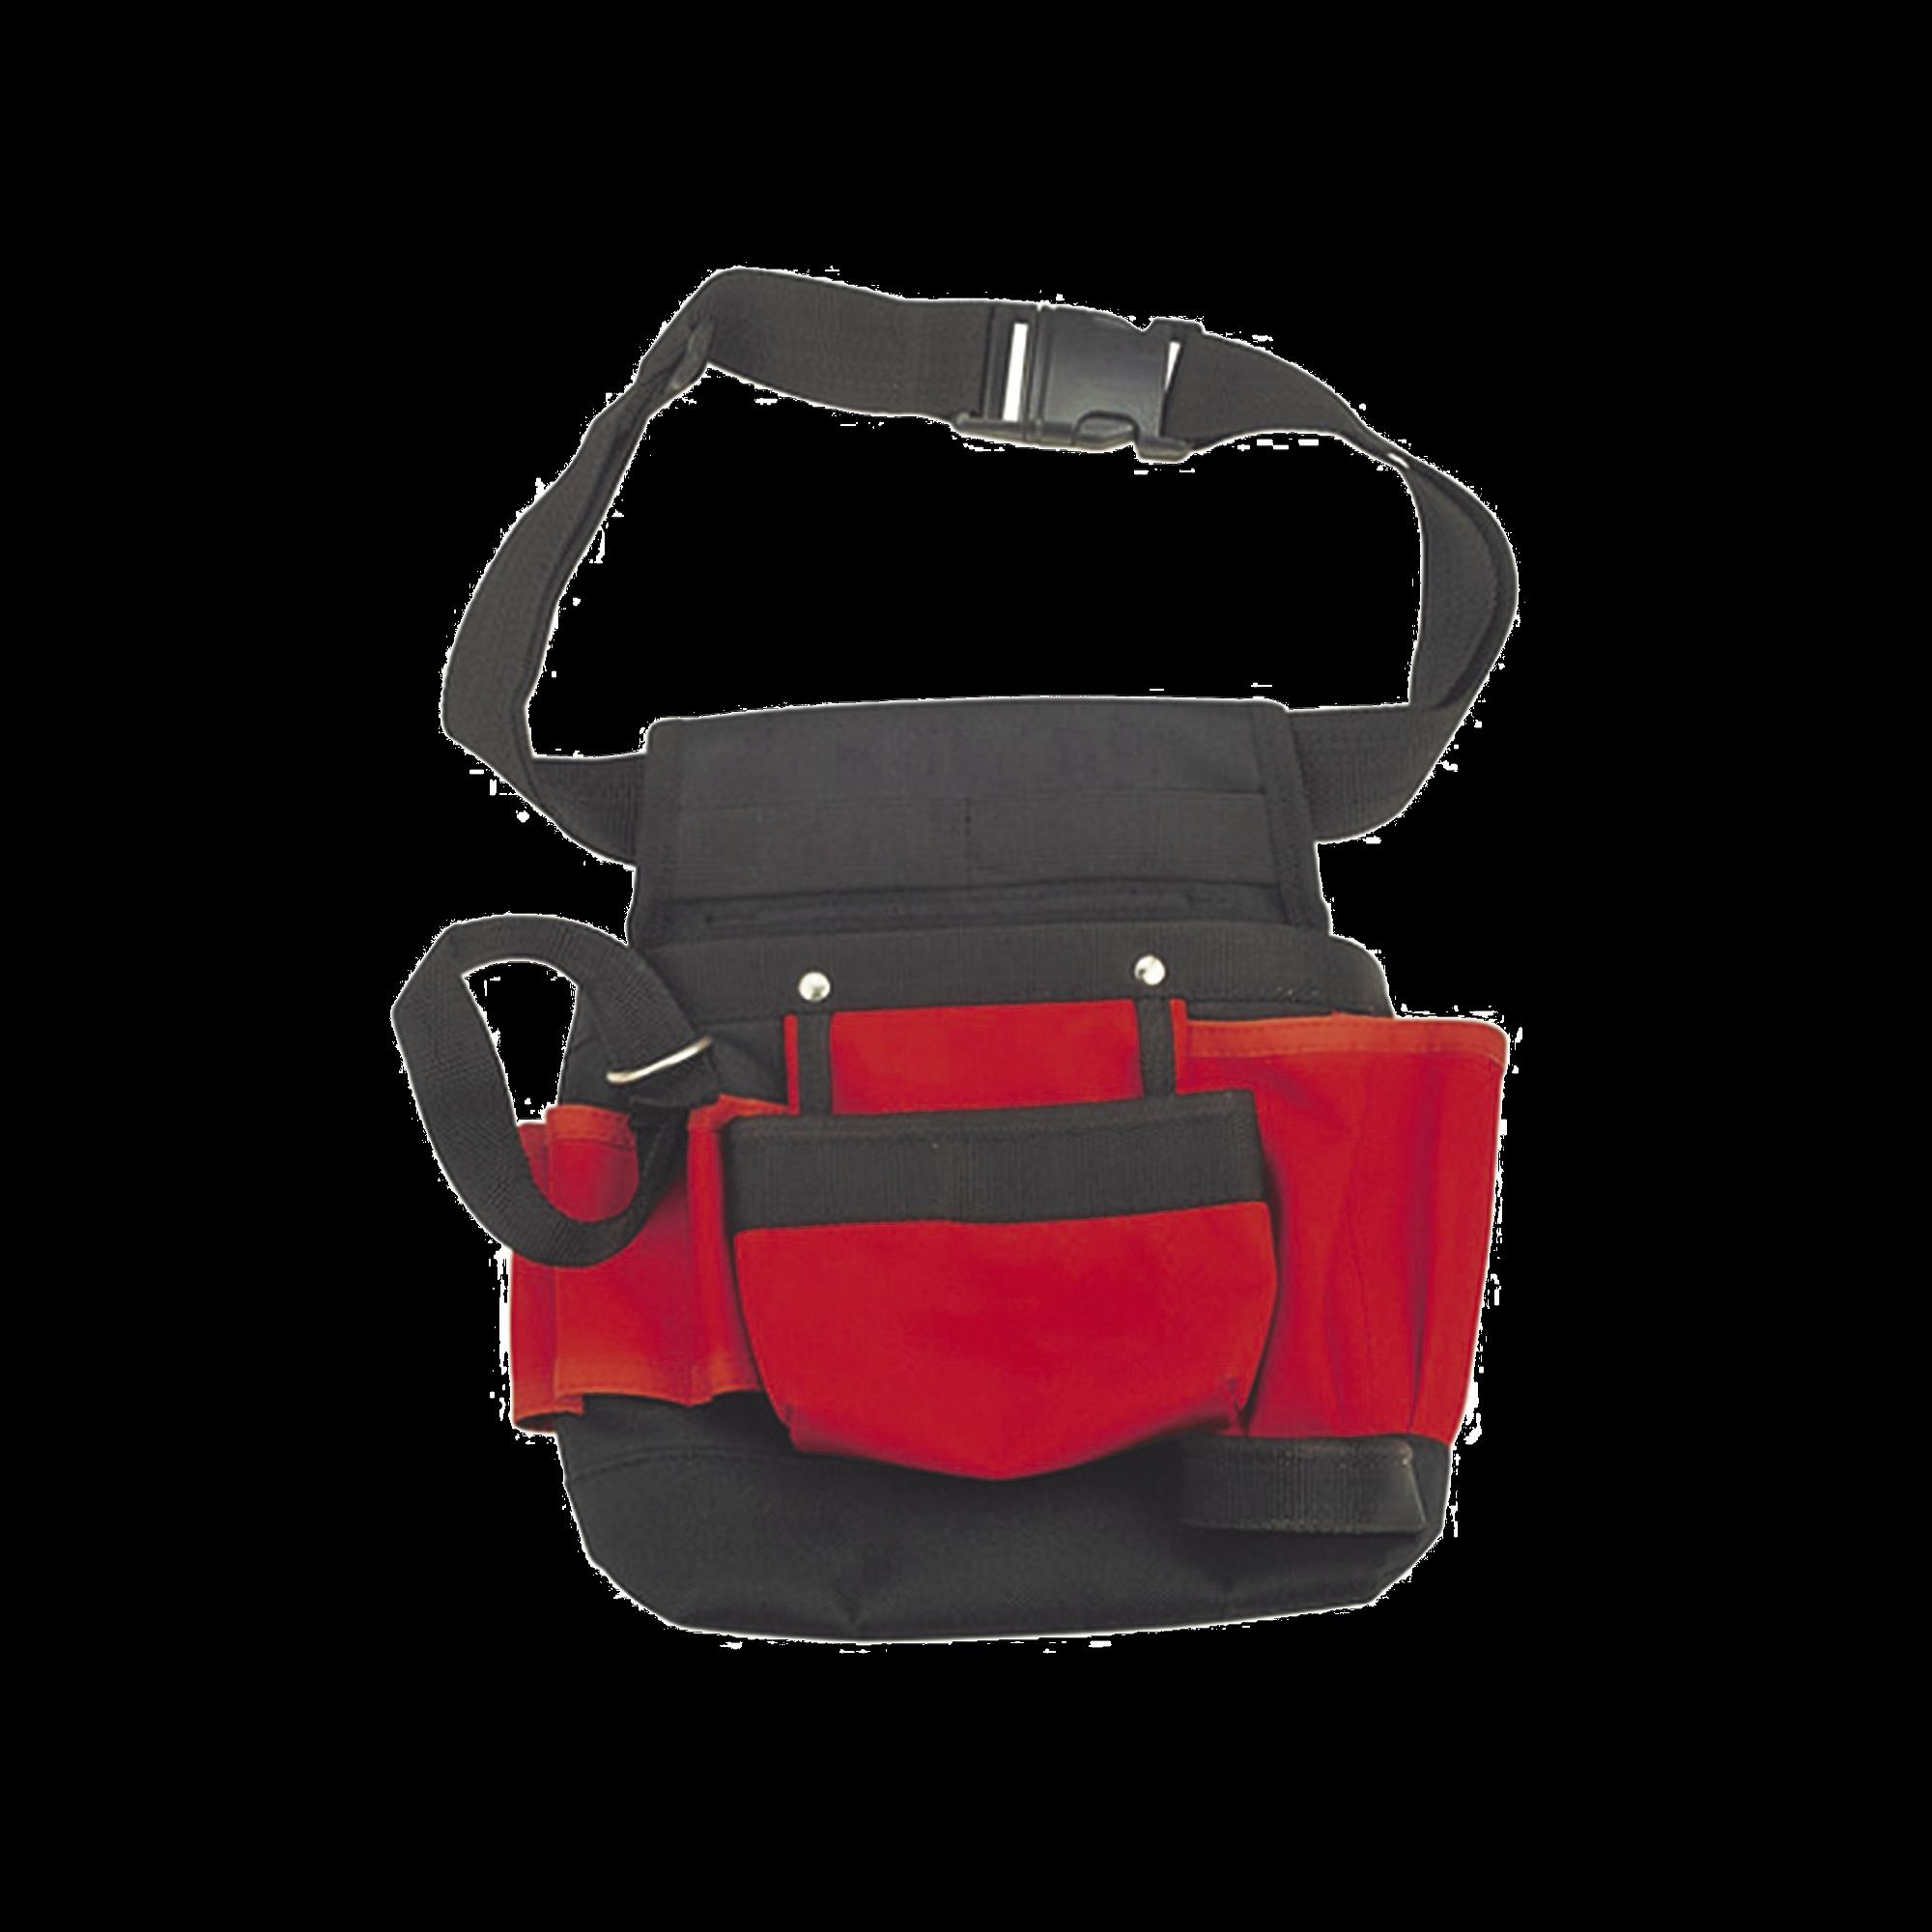 Bolsa para herramientas de 21X11.5X3.4 cm con múltiples compartimientos, cuerpo principal en poliéster con broches en  polioximetileno (POM) y argollas en acero...